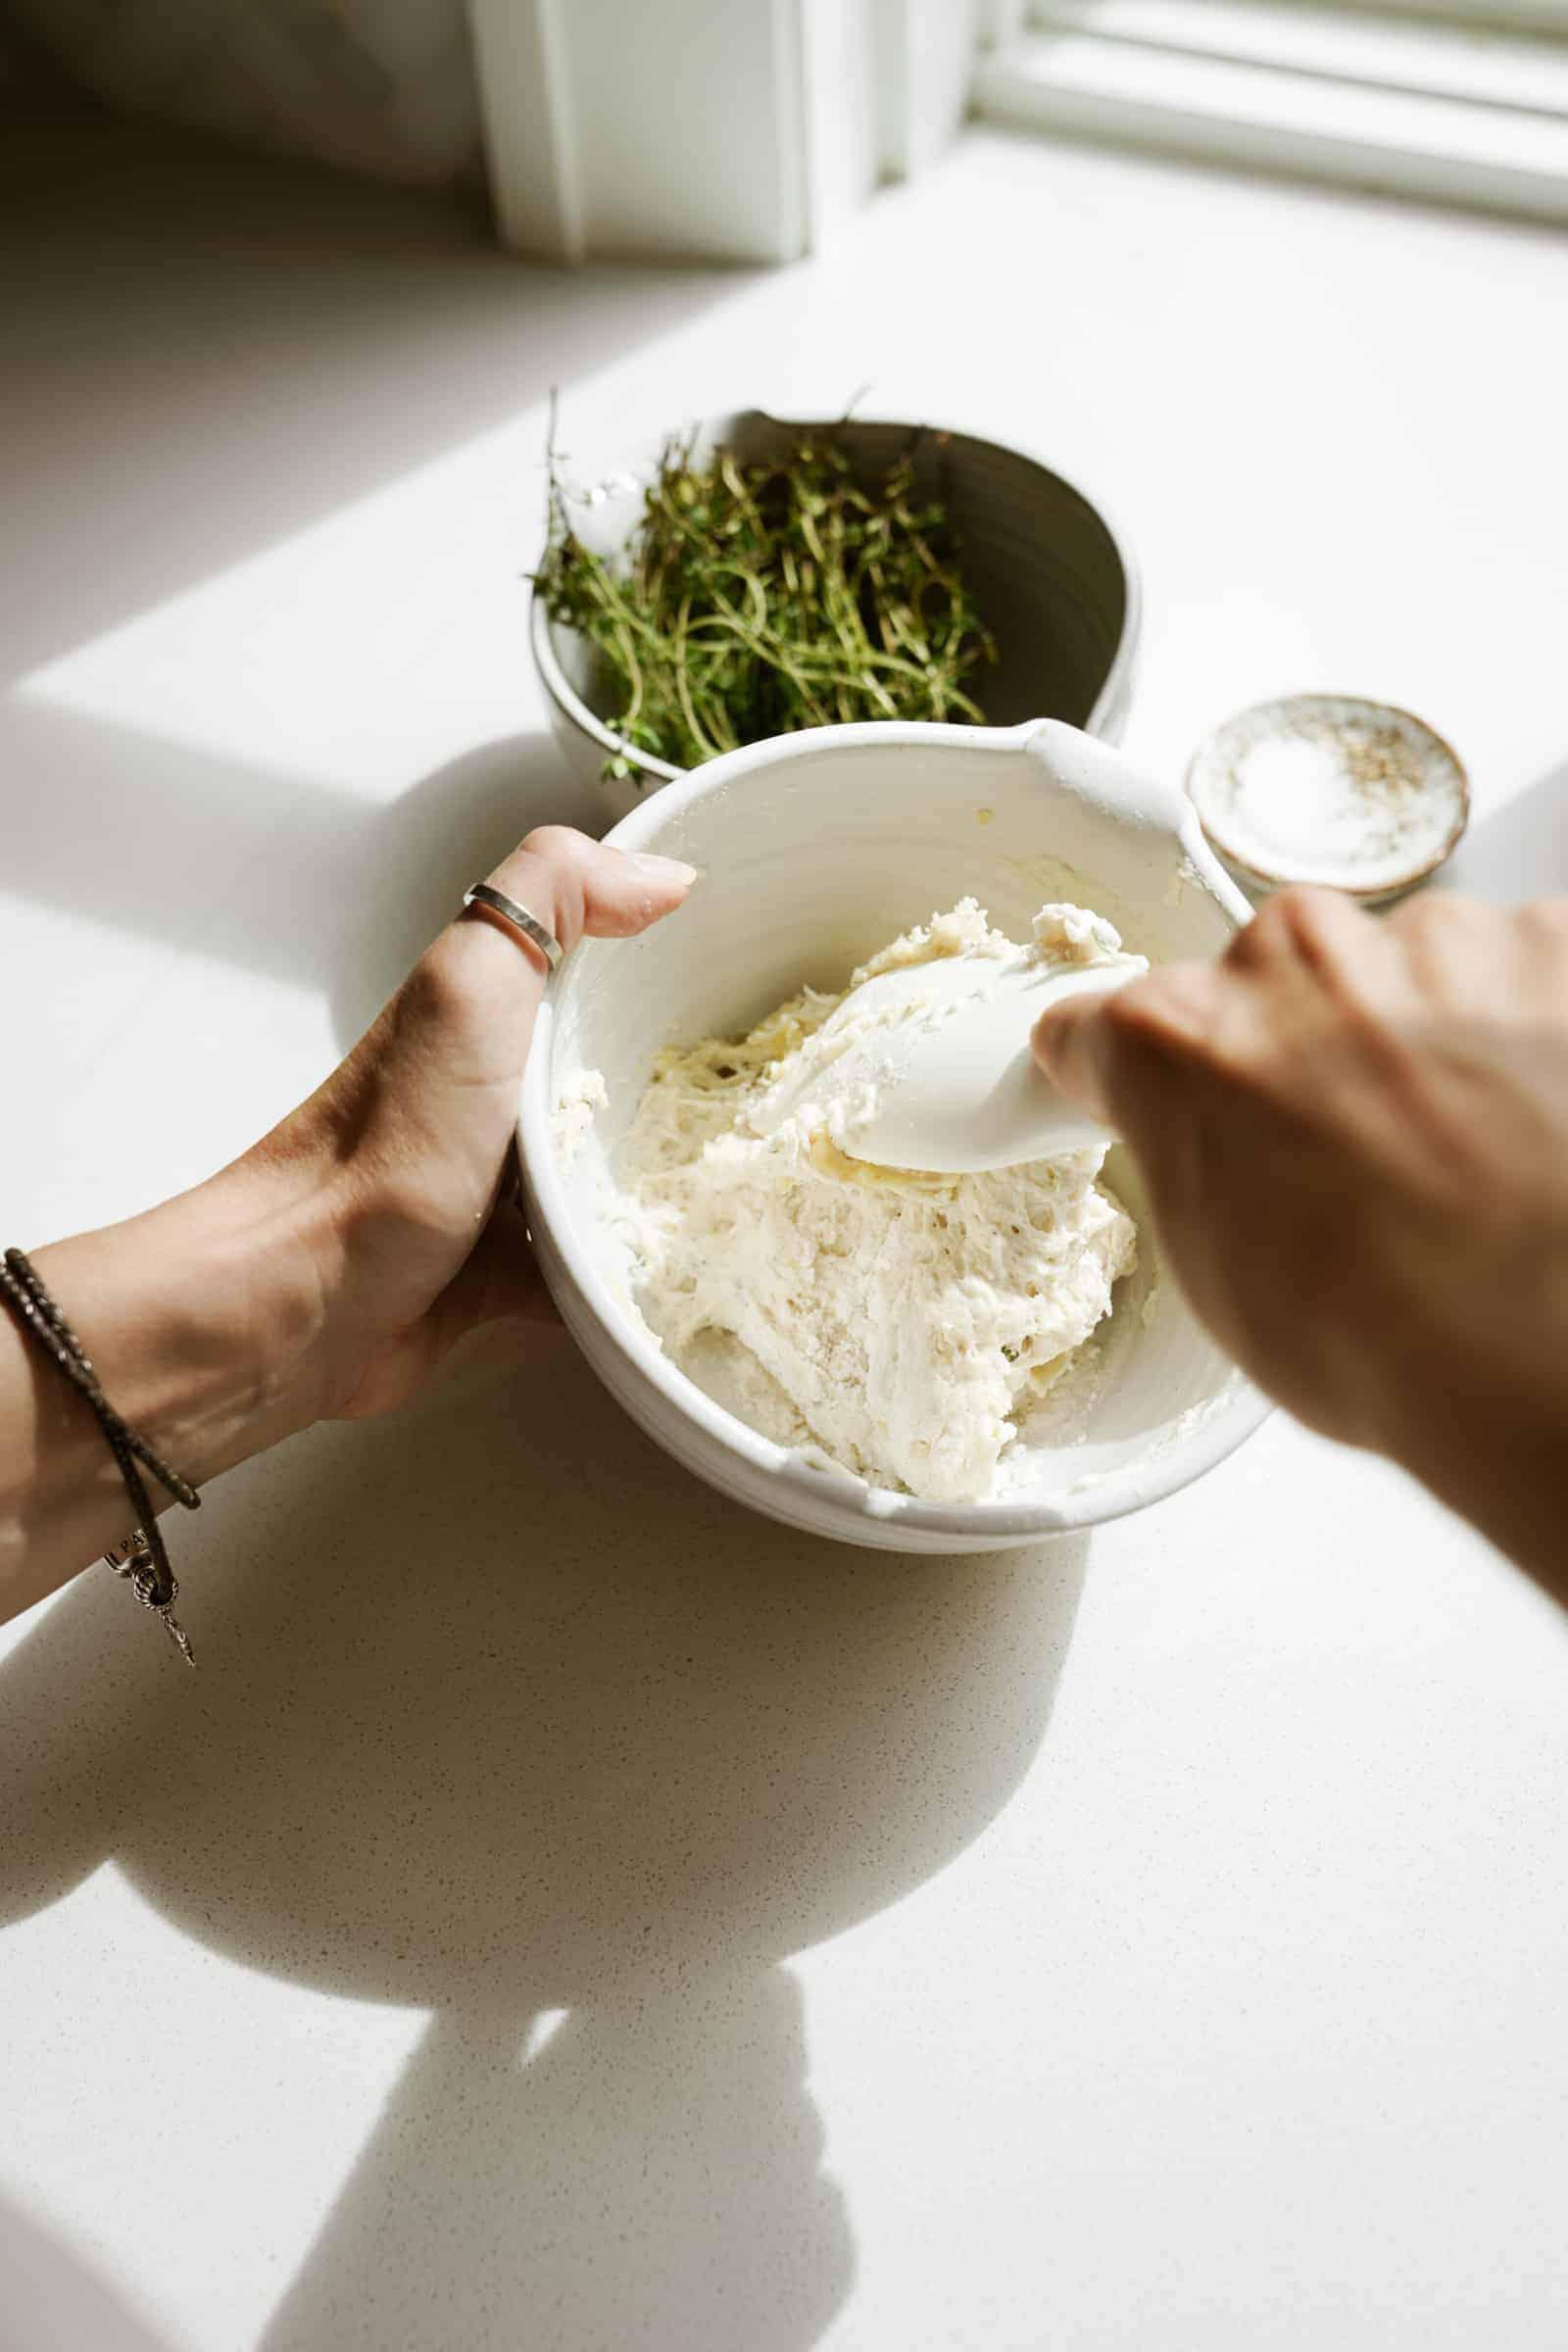 Ingredients for vegan dumplings being mixed in a bowl